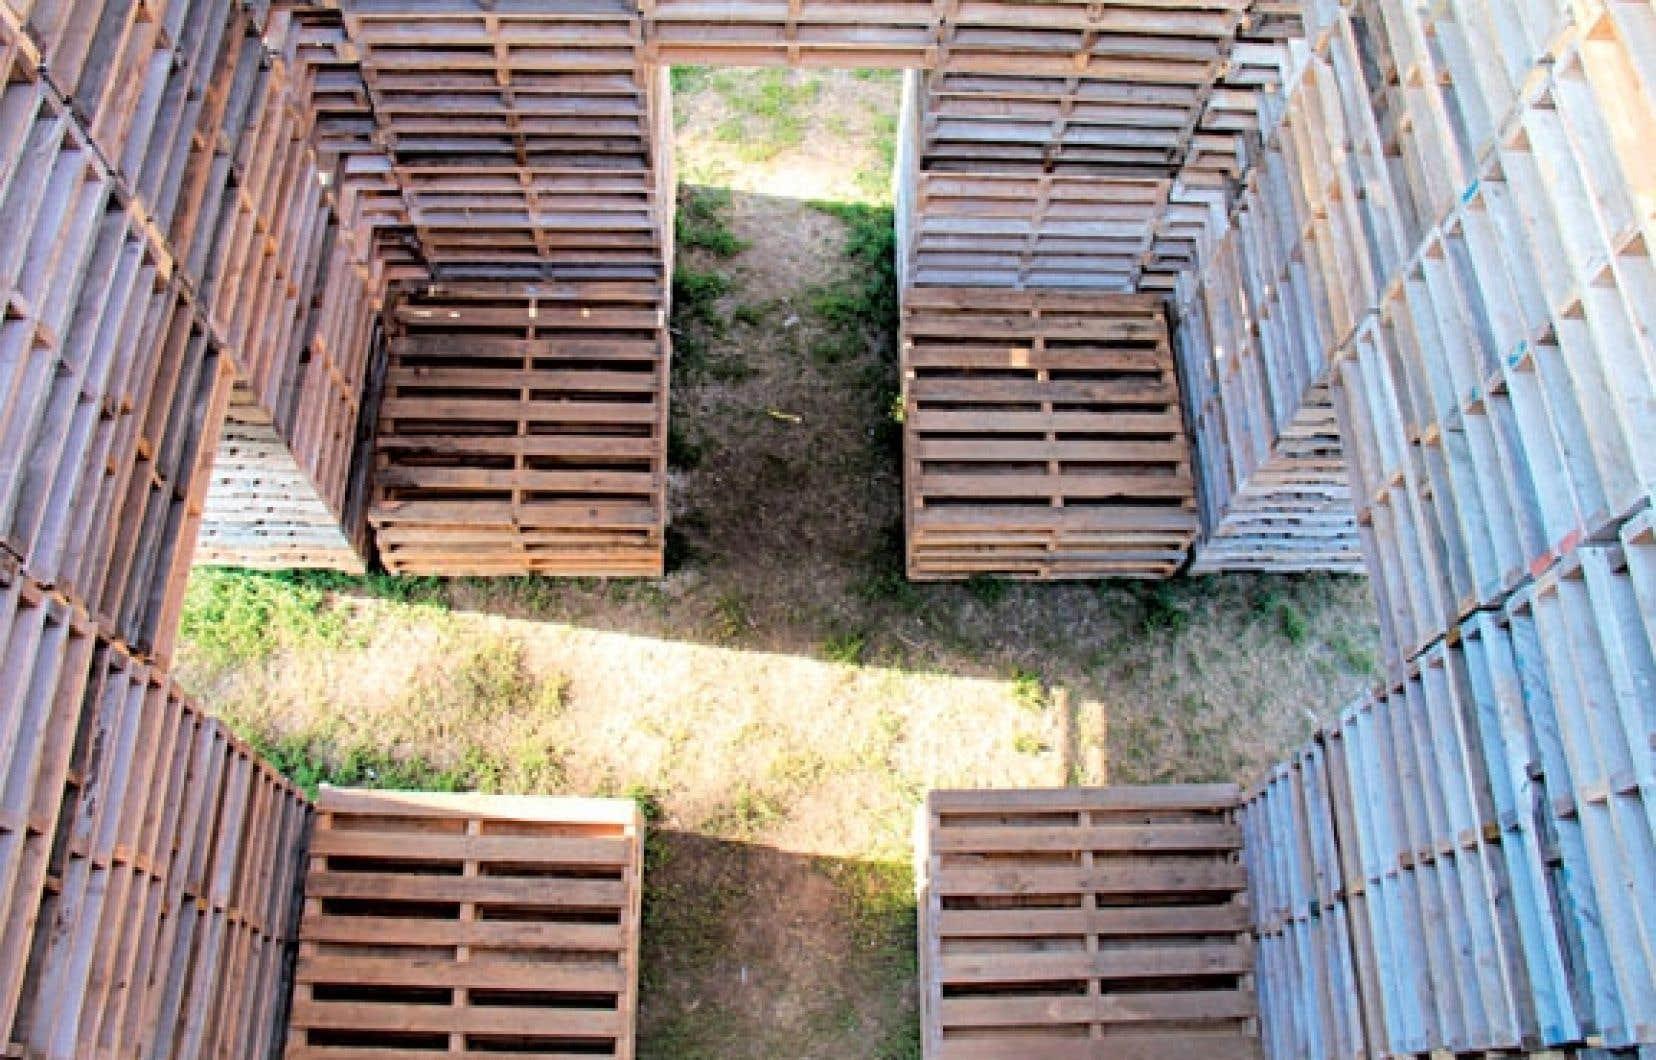 Les Escales invitent à la déambulation libre d'une station artistique à l'autre. Propice au recueillement, l'installation Forêt de Phil Allard et Justin Duchesneau (notre photo) s'installe à la place des Festivals.